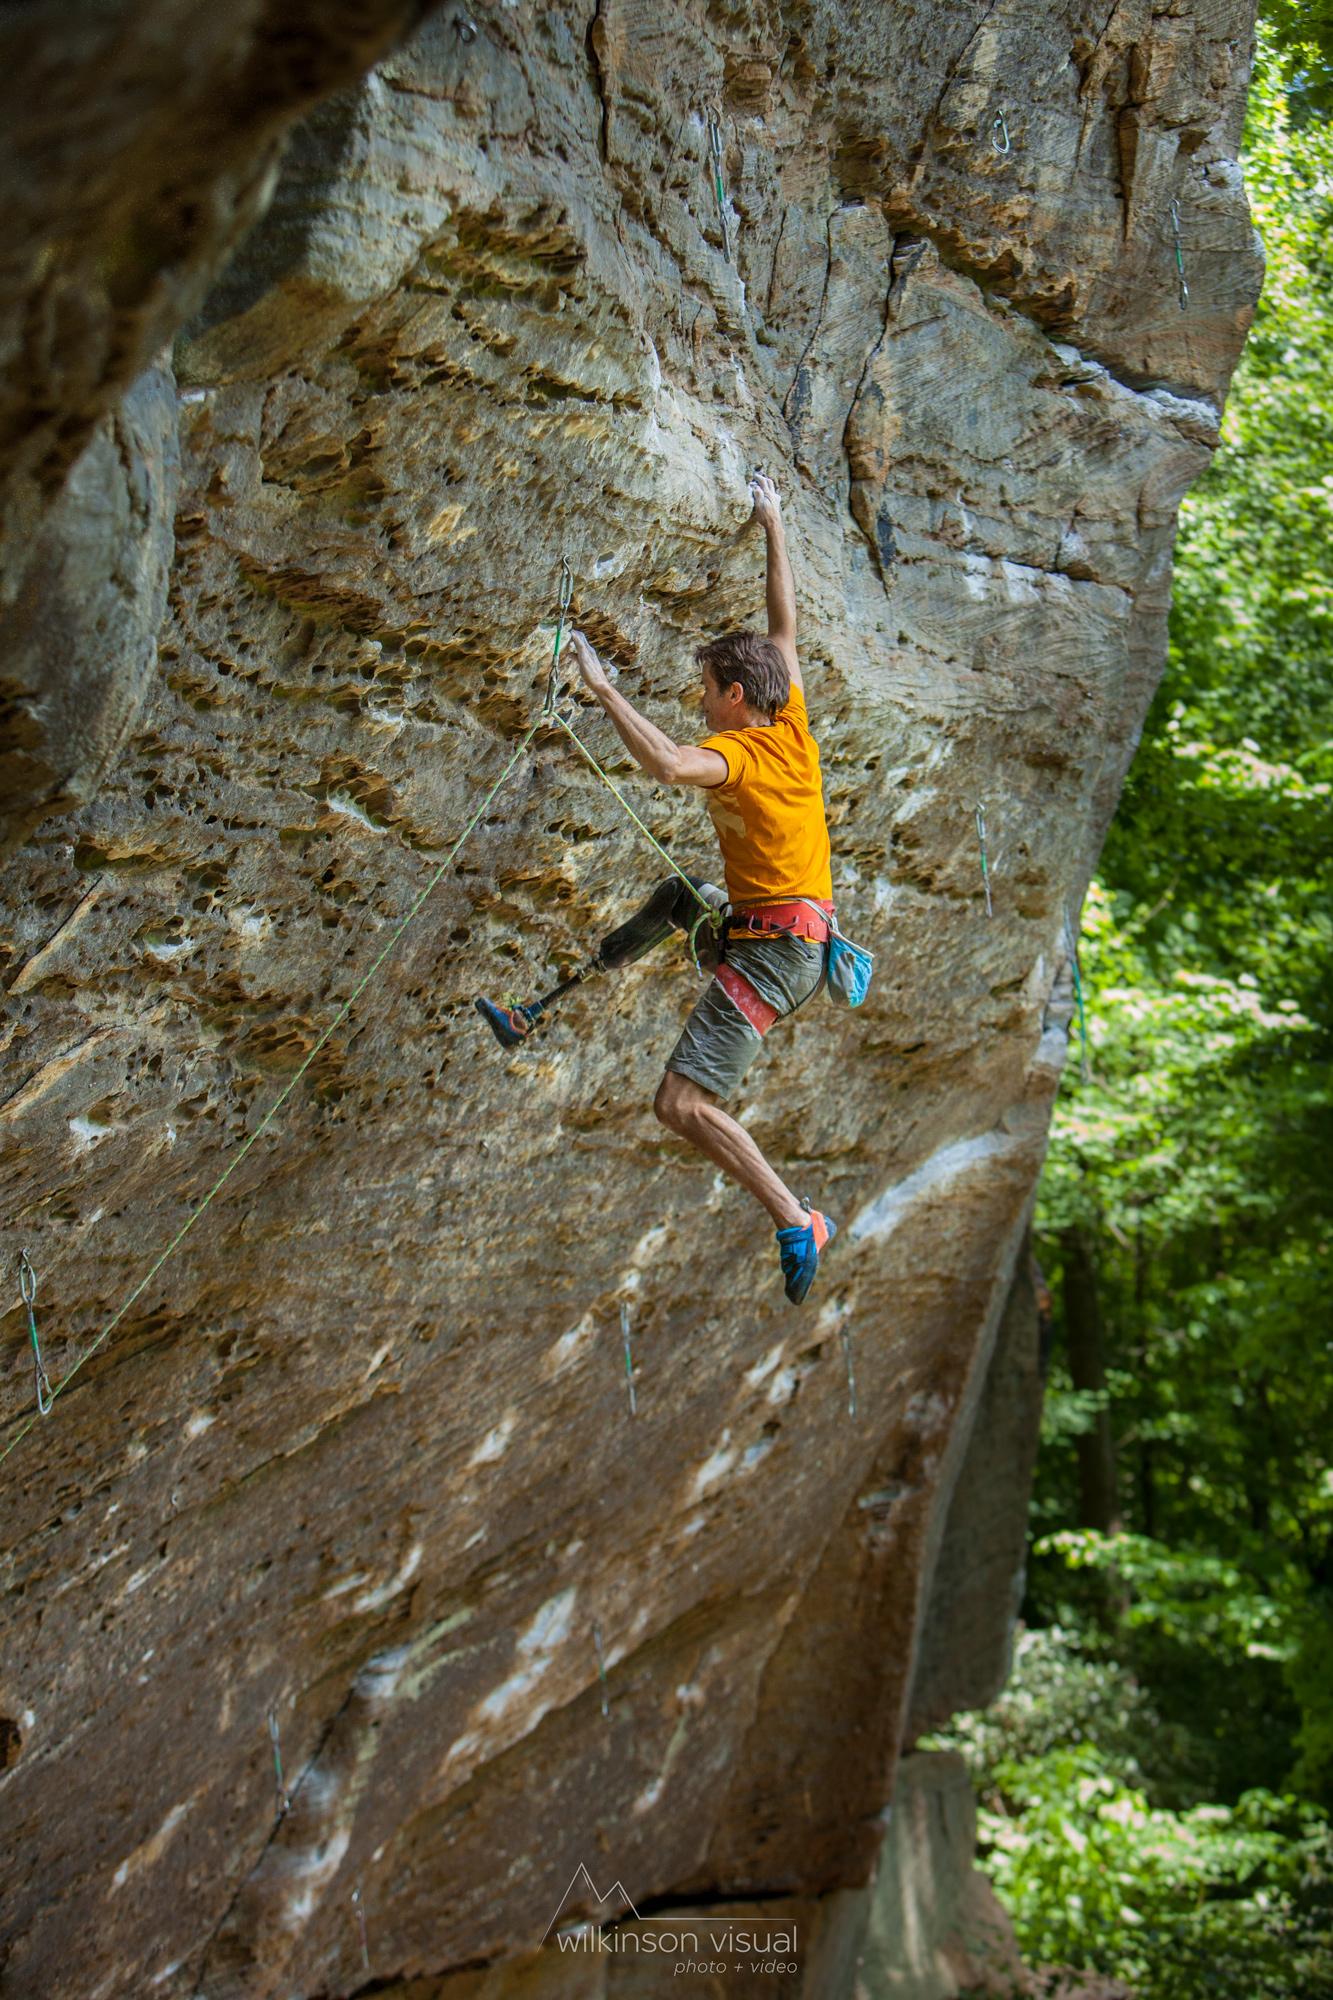 demartino-climbing-9844.jpg